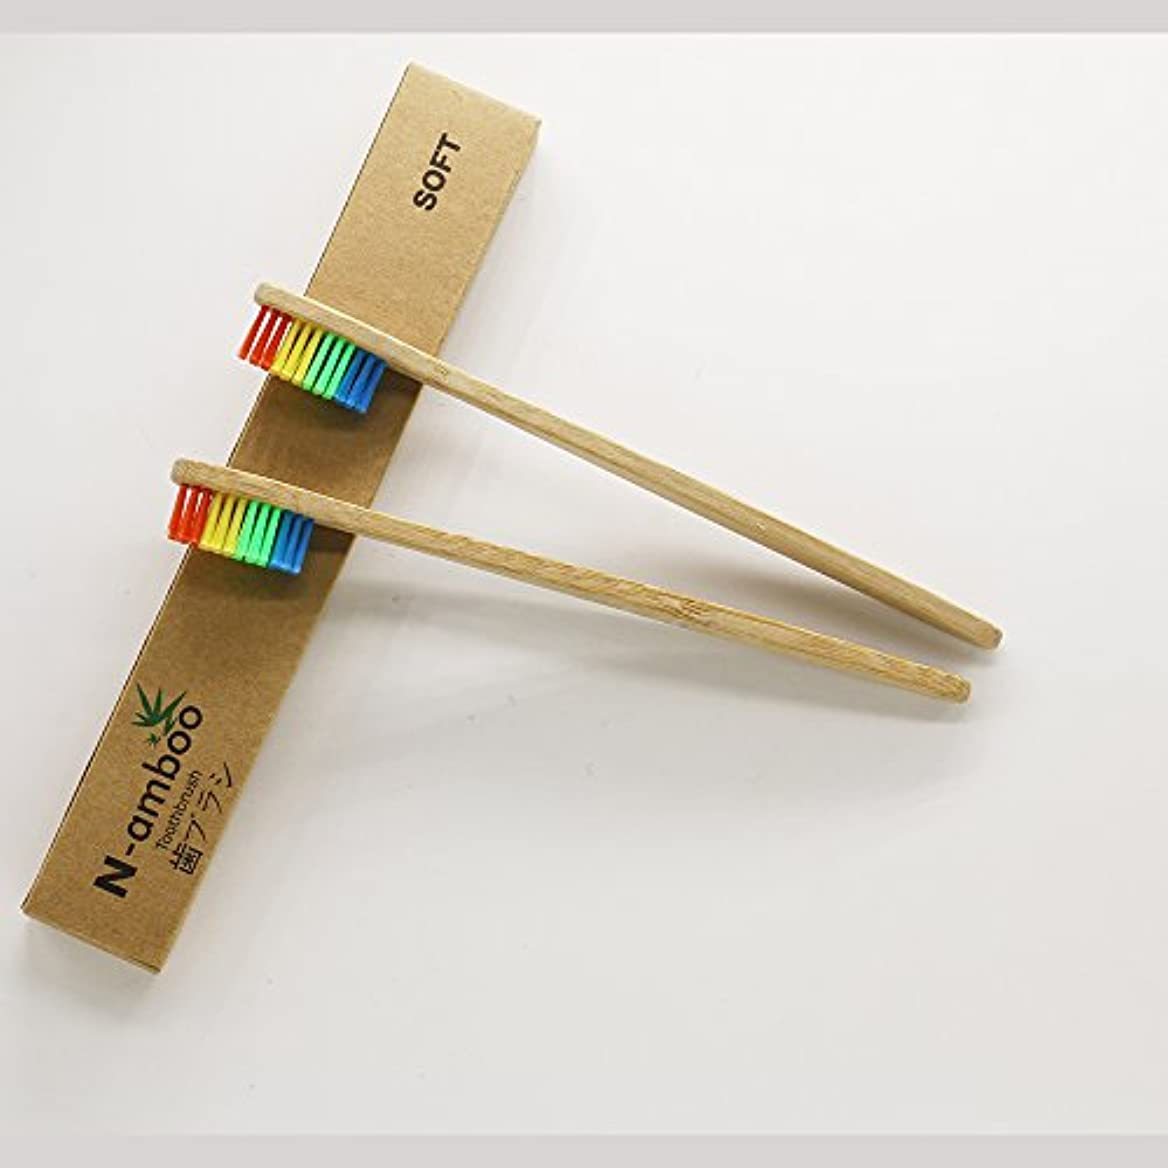 洞察力のあるおなじみの損なうN-amboo 竹製 耐久度高い 歯ブラシ 四色 虹(にじ) 2本入り セット